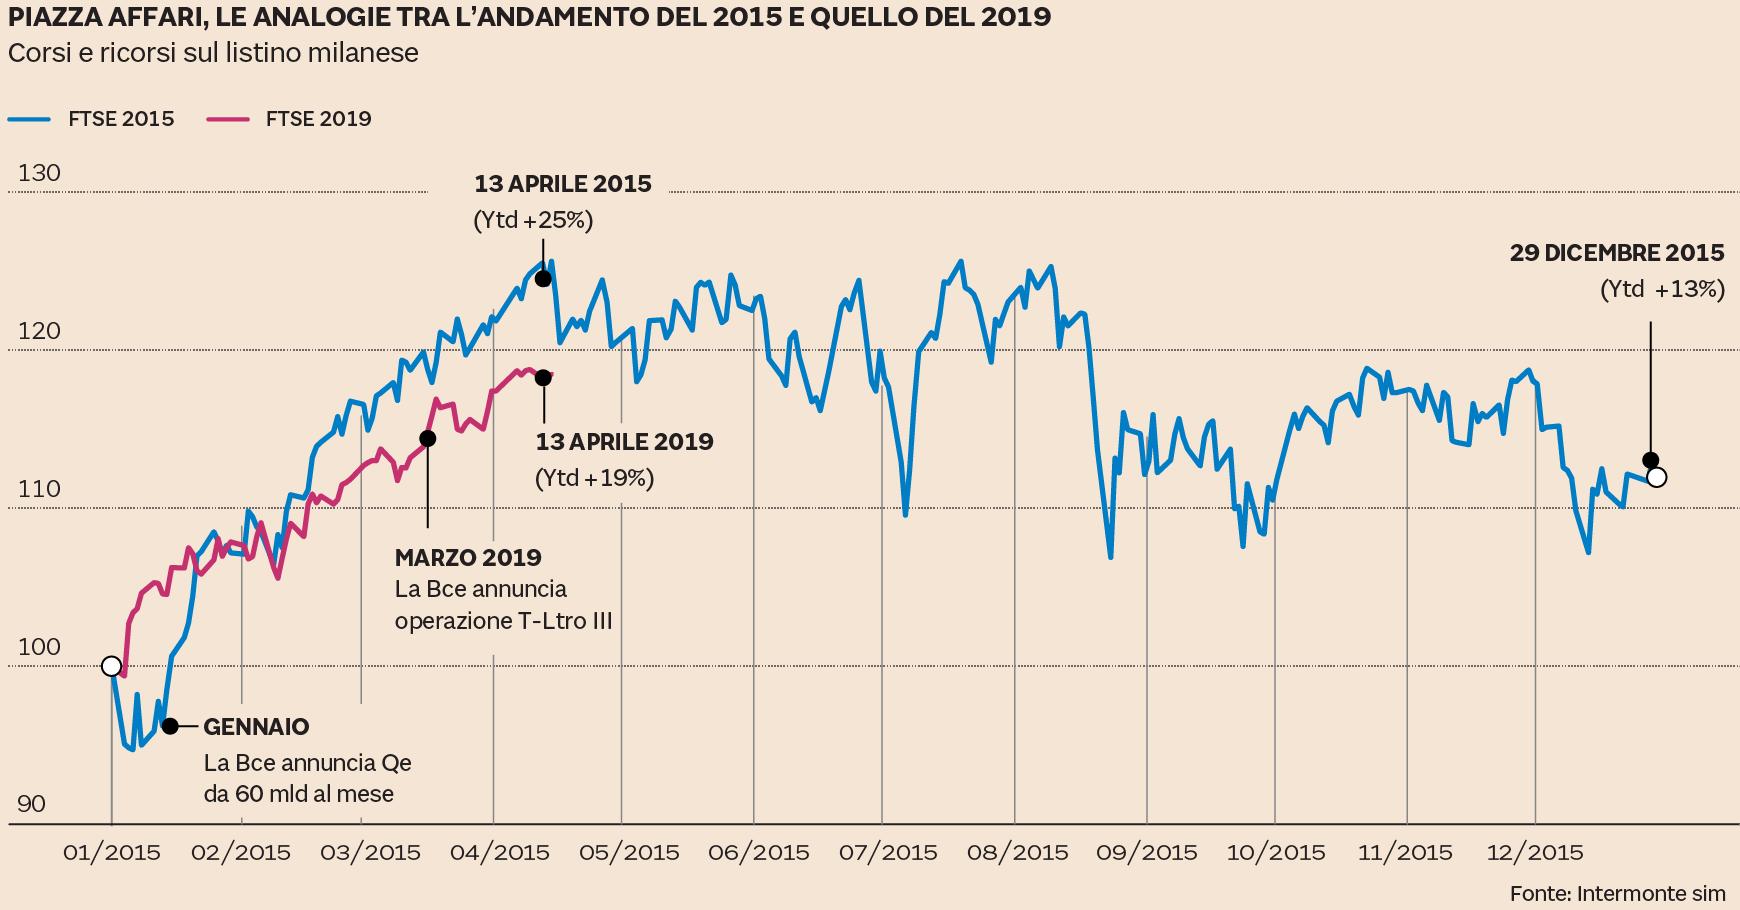 Borsa Italiana Calendario 2020.Borse Come Nel 2015 Gli Investitori Sono All Attacco 19